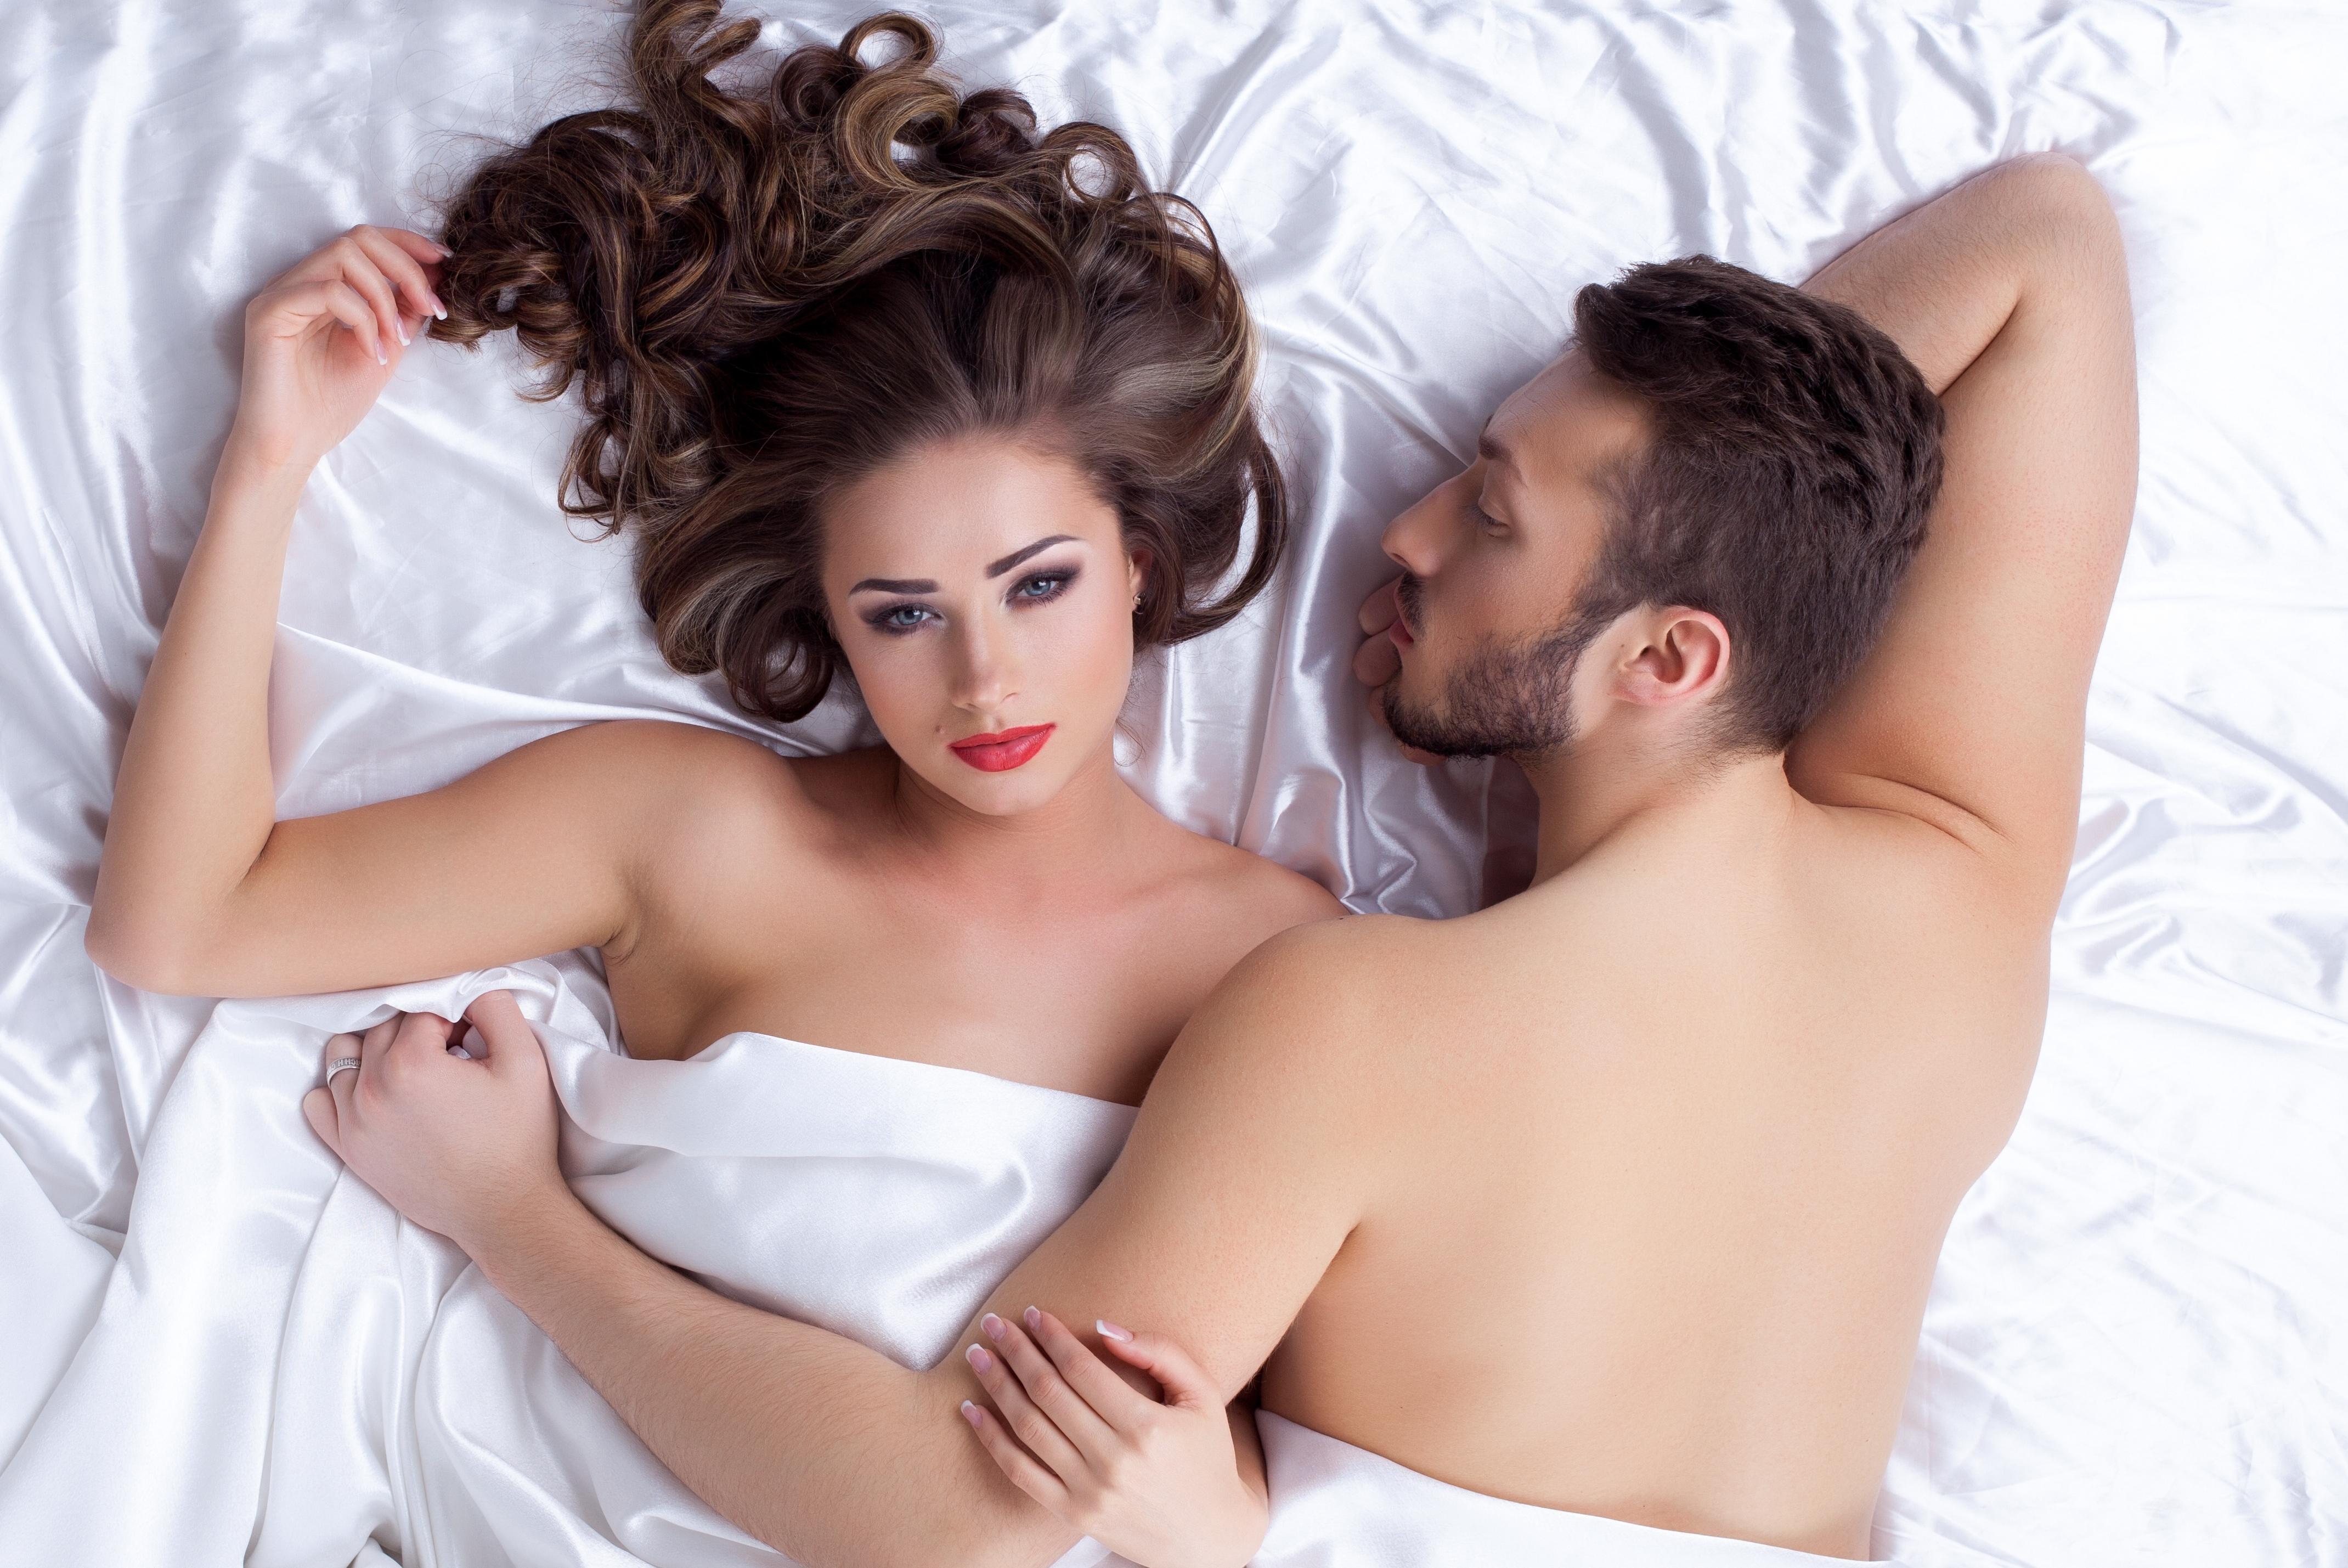 Umawianie się z dziewczyną bez seksu przed ślubem